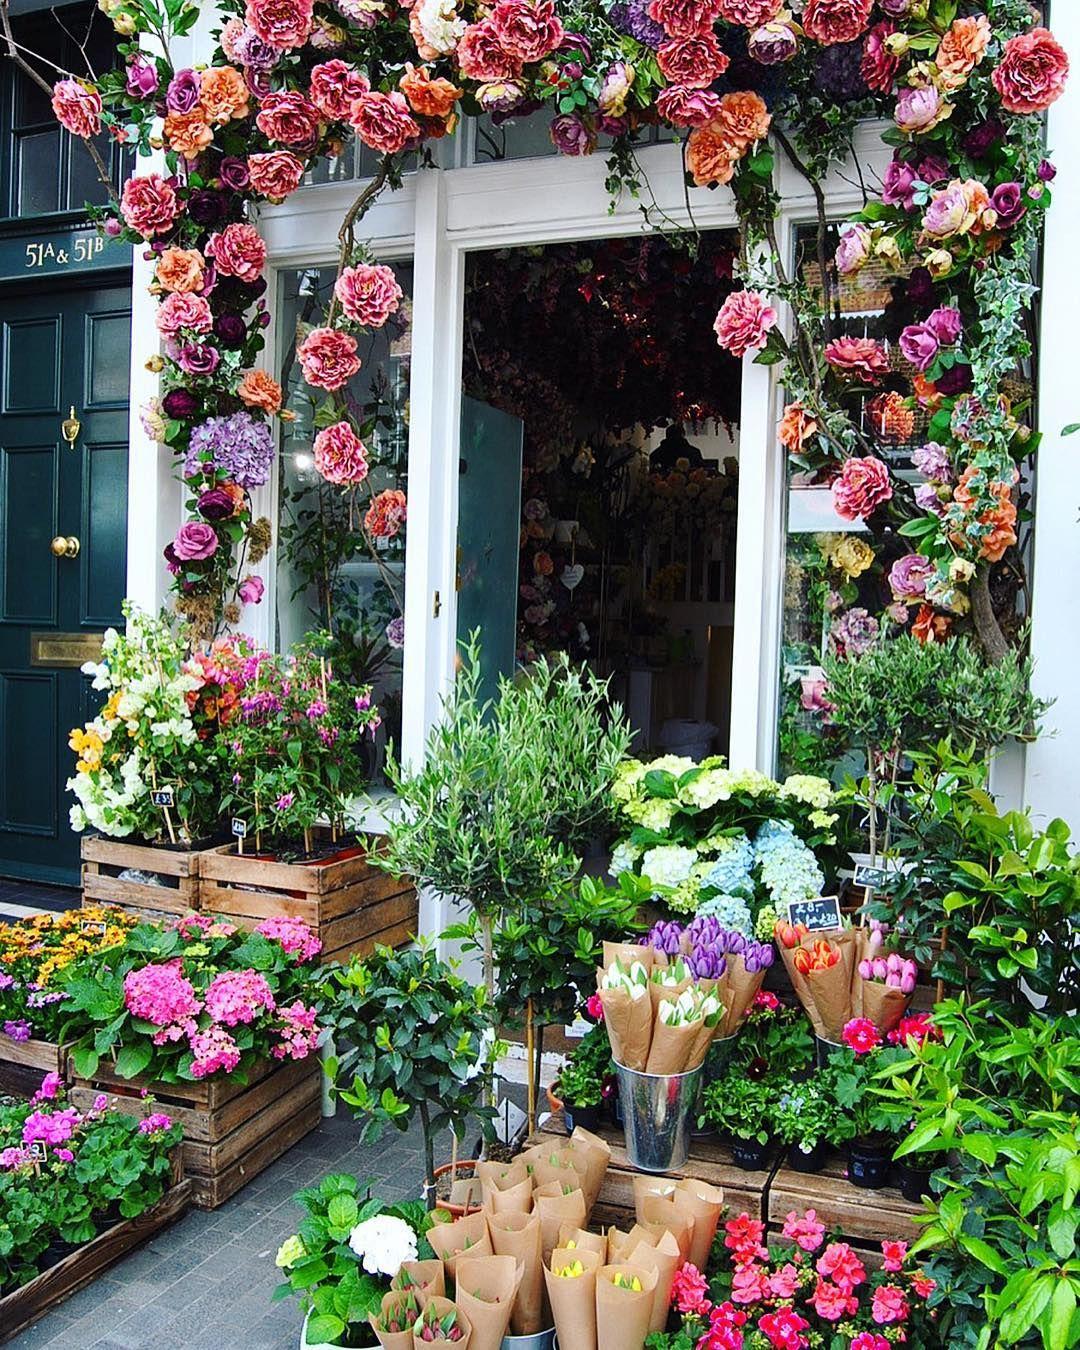 London in bloom, Moyses Stevens Flowers 😍🌸🌺💐 . . . .